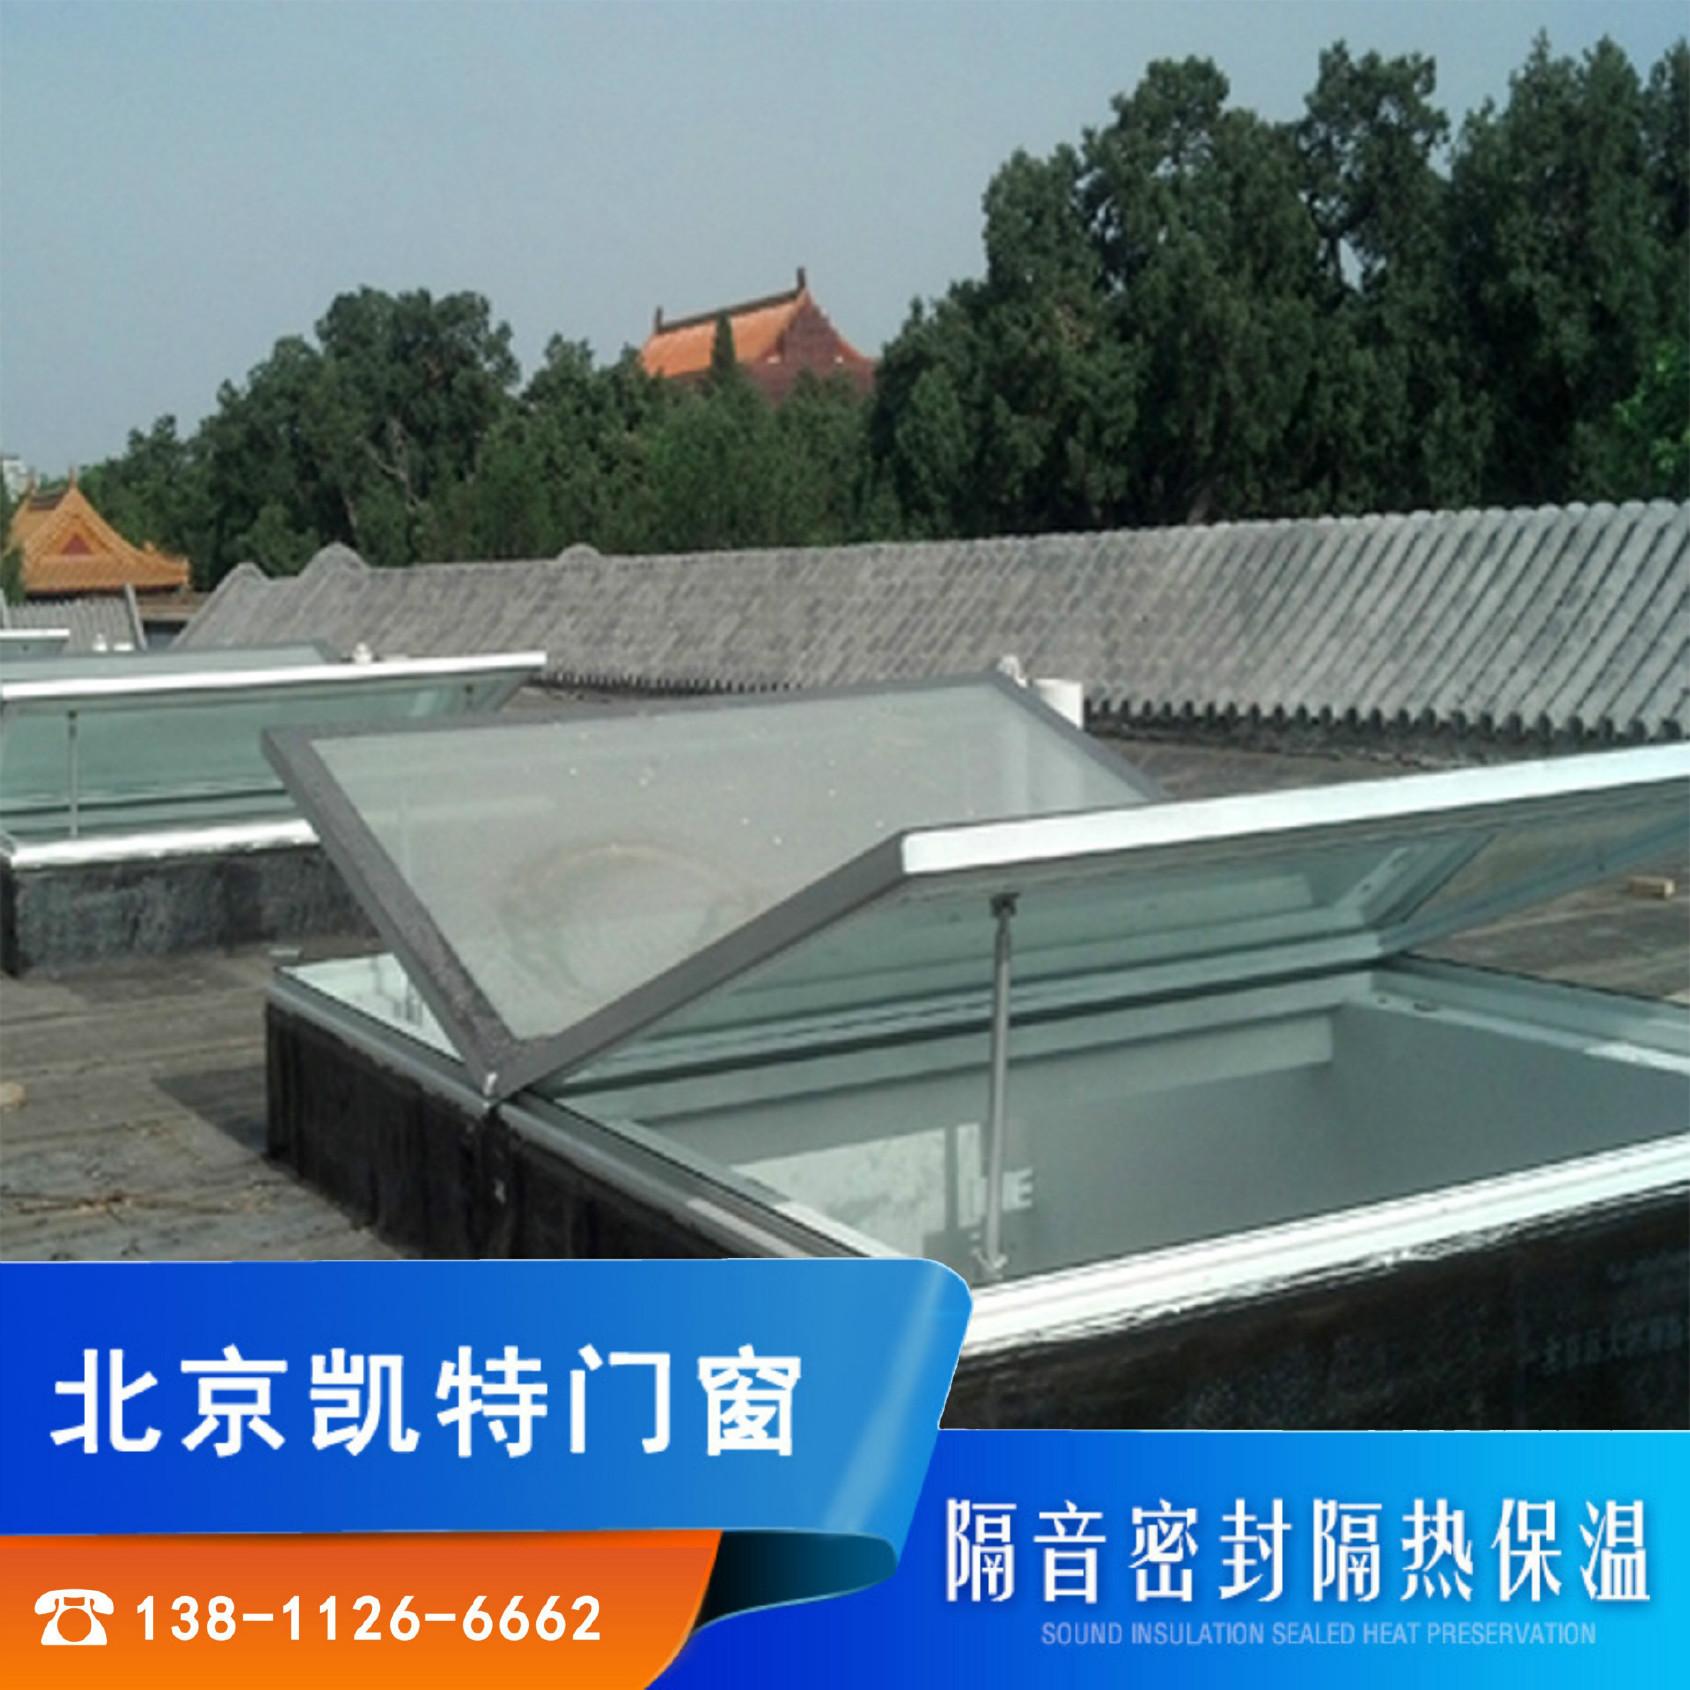 铝合金电动窗户天窗外悬窗 阳光房天窗天顶智能电动天窗窗户安装图片